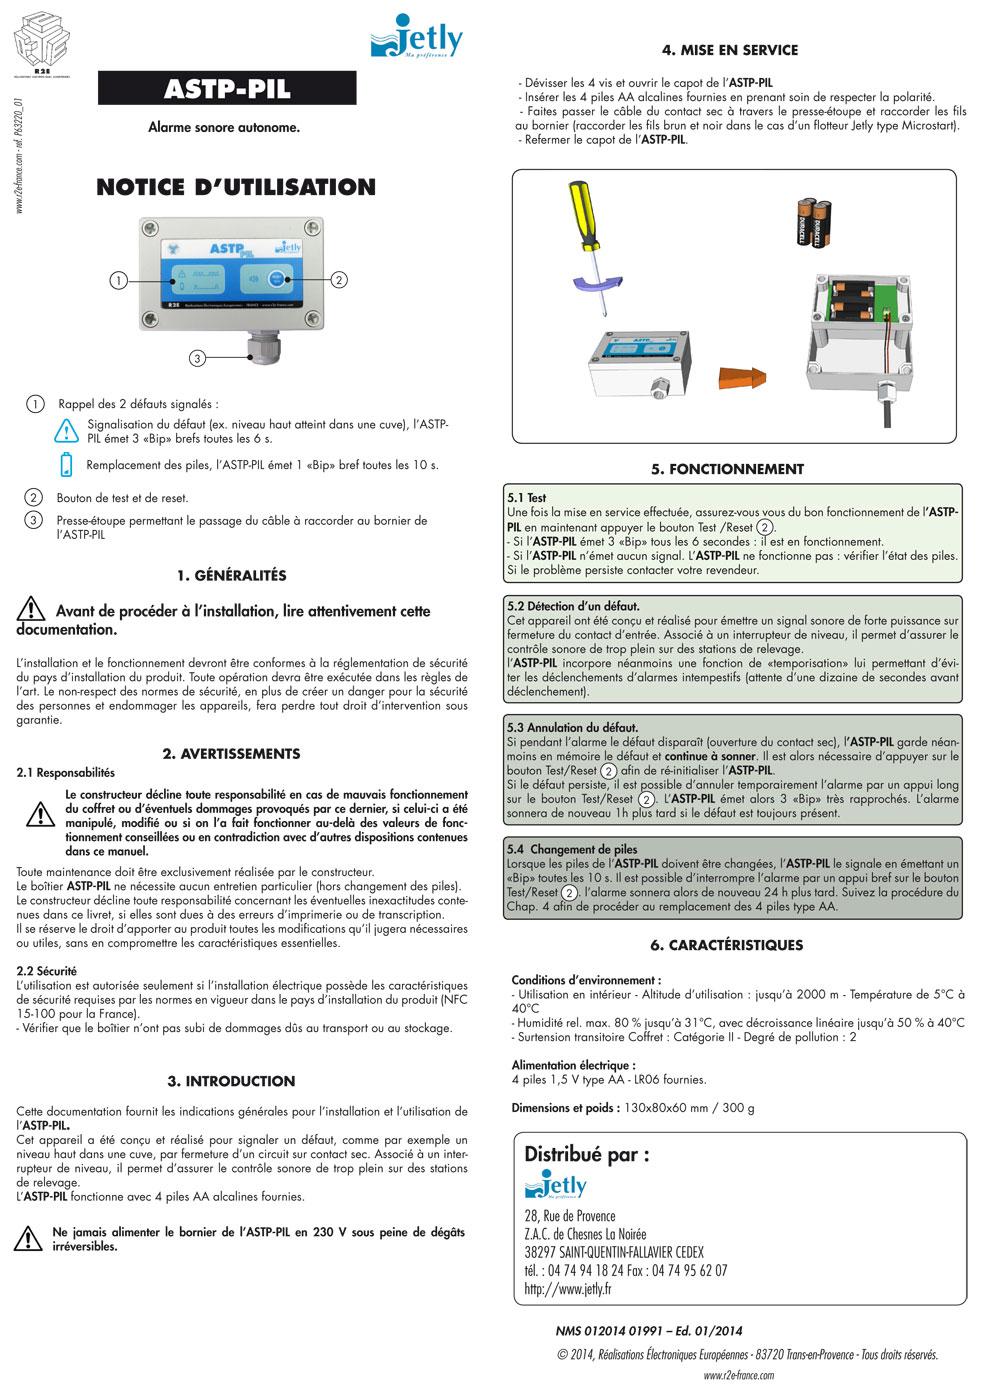 Notice alarme sonore ASTP-PIL, bureau étude électronique